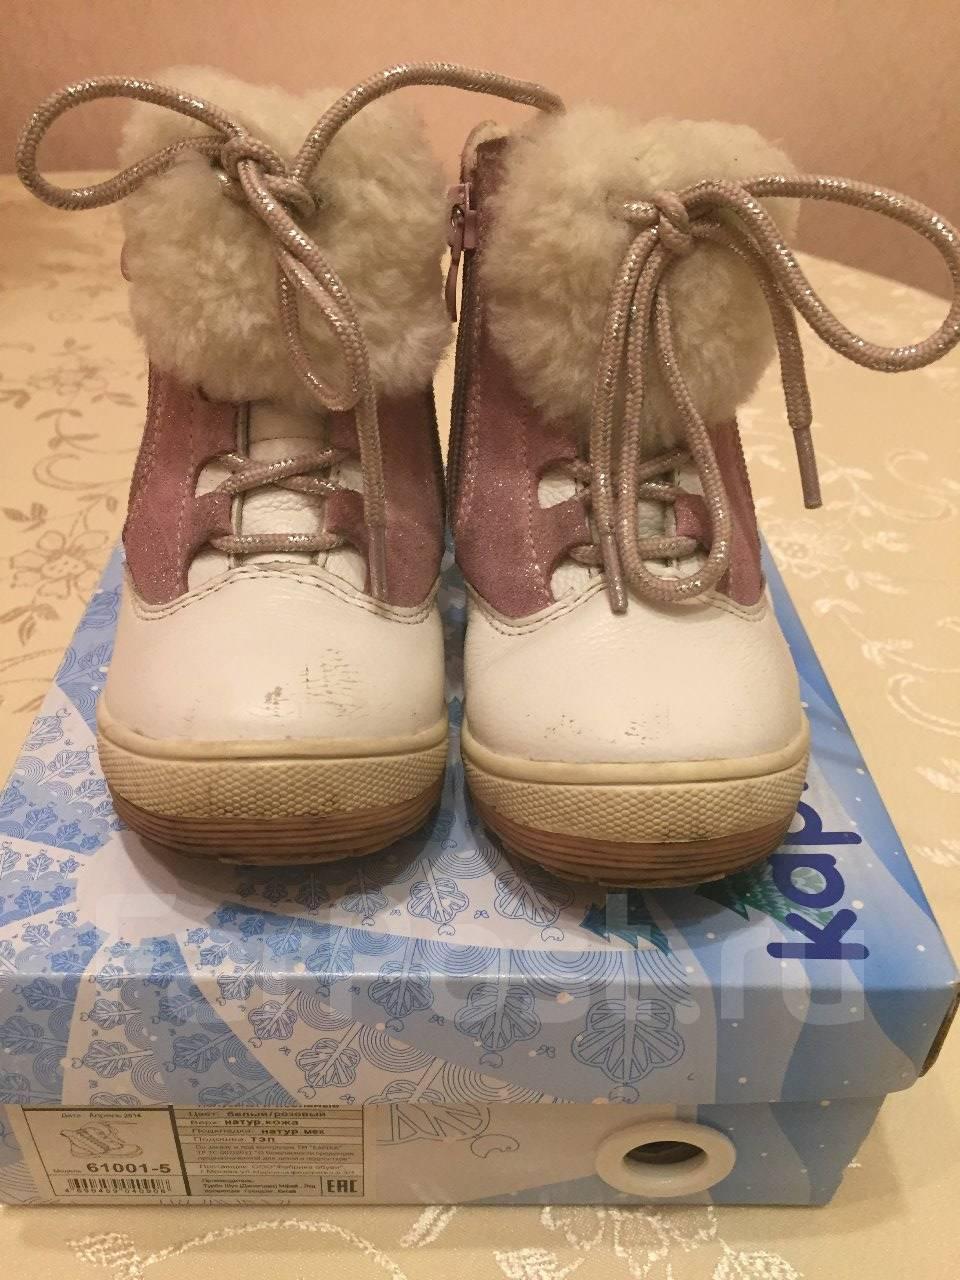 b3361627ebeb Детские сапоги Размер  22 размера - купить во Владивостоке. Цены. Фото.